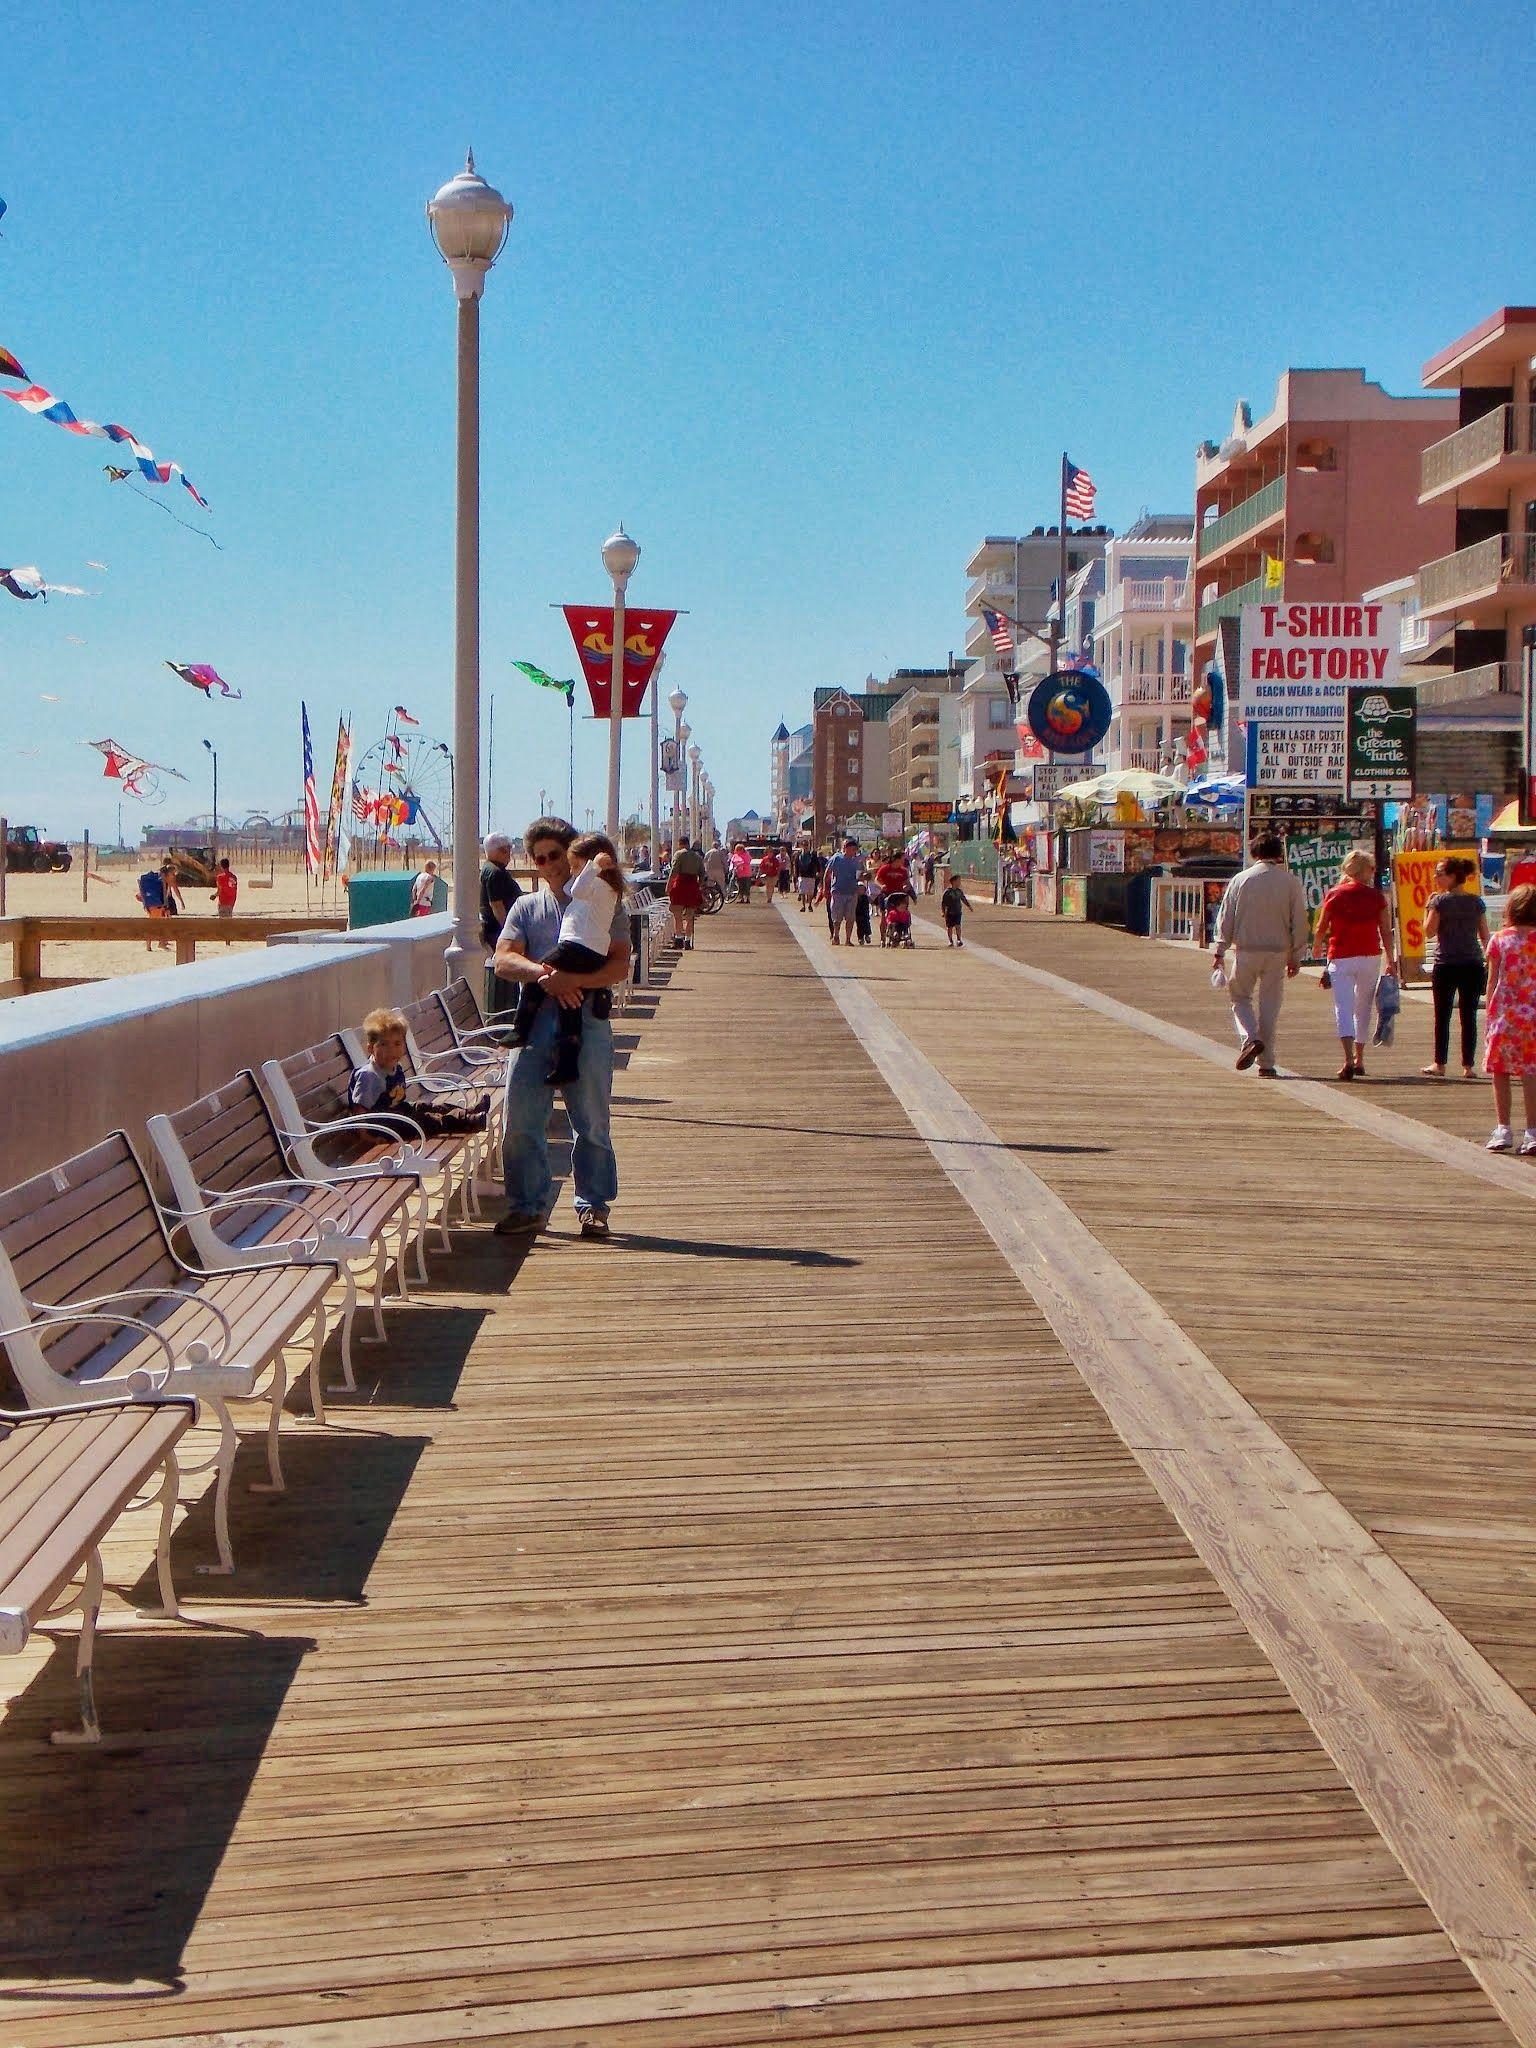 fager s island ocean city maryland coastalliving com view of rh pinterest com